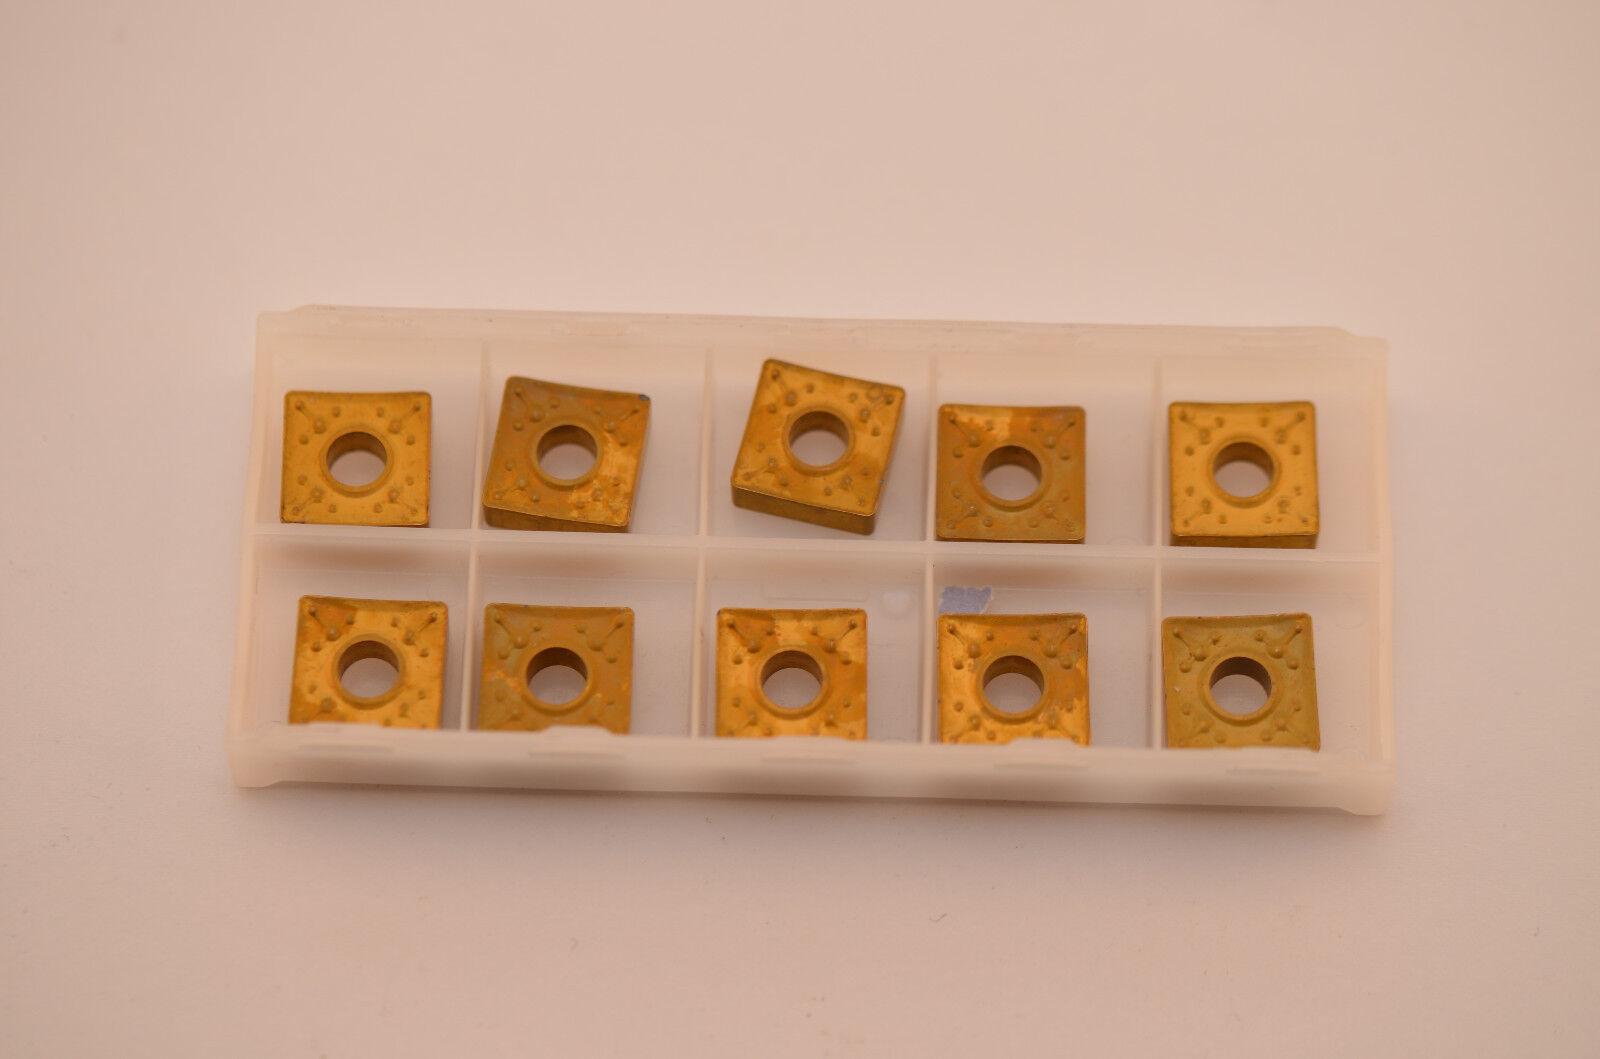 Plaquitas snmm 120408 tn35 10 unidades, unidades, unidades, rhv3711 106ed6